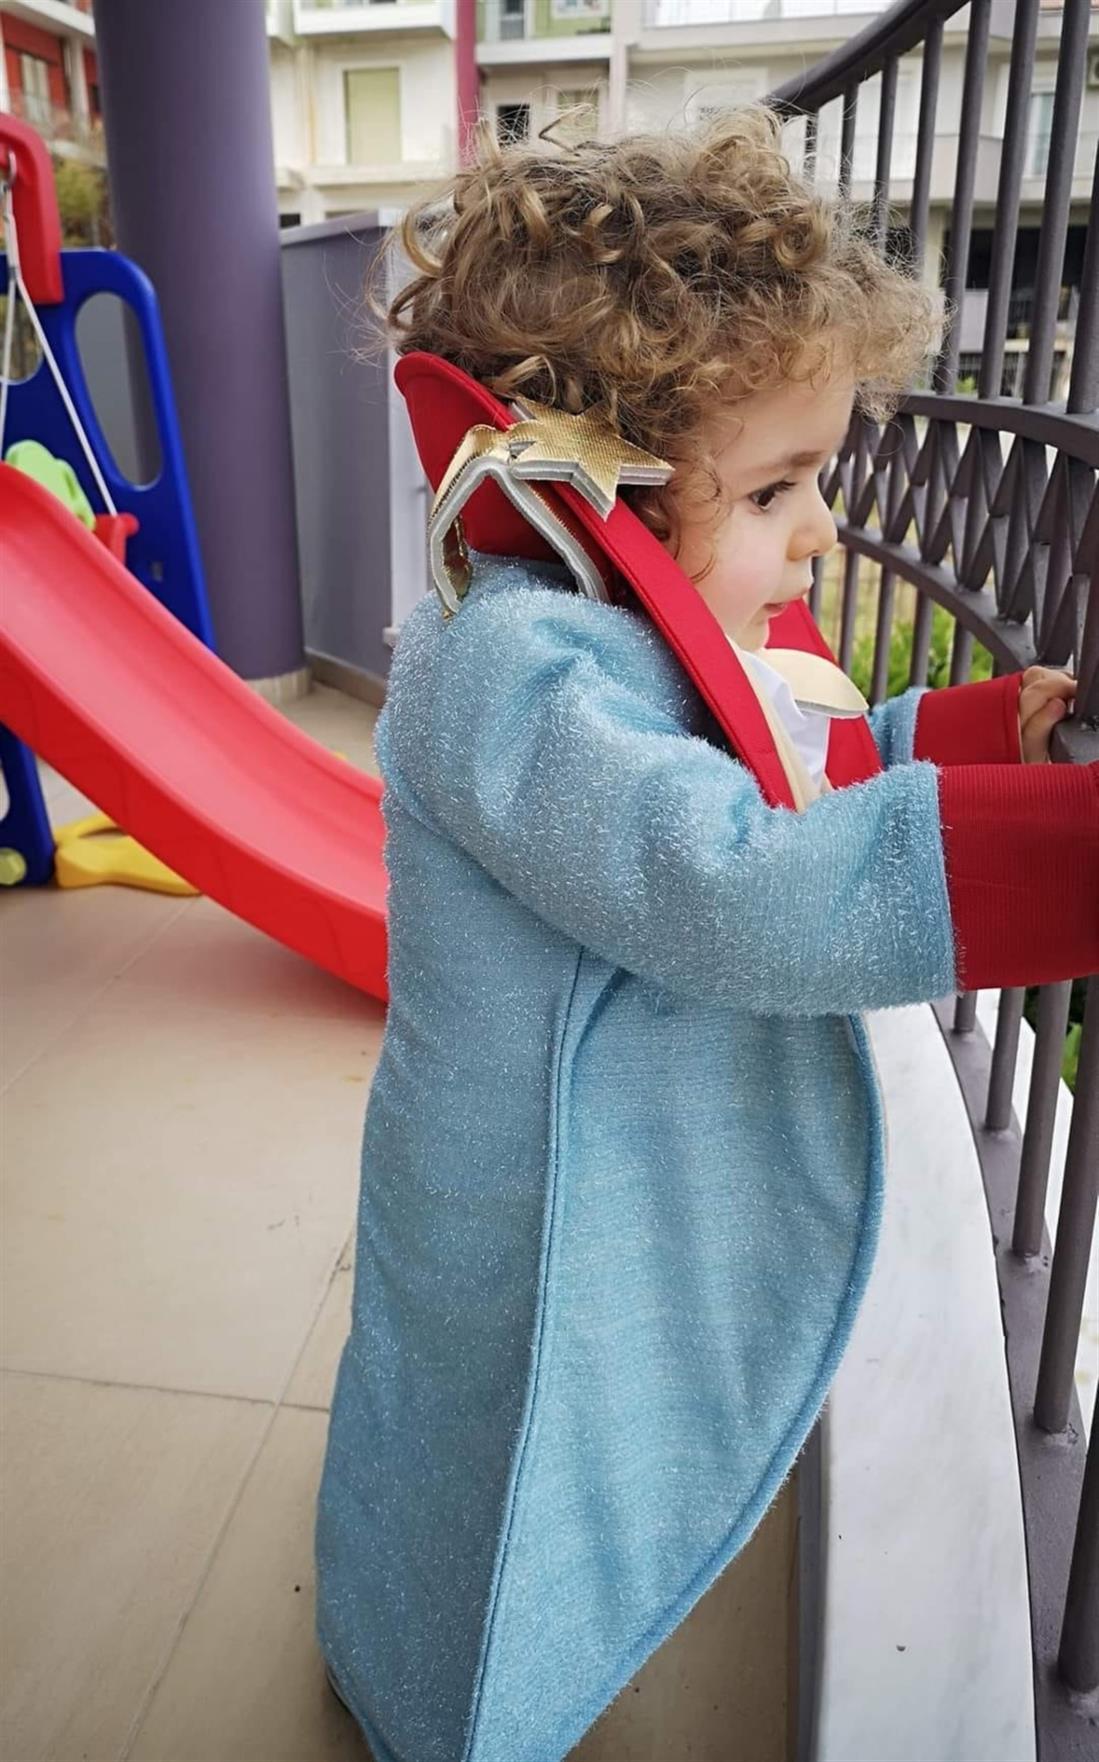 Παναγιώτης Ραφαήλ - μικρός πρίγκιπας - απόκριες